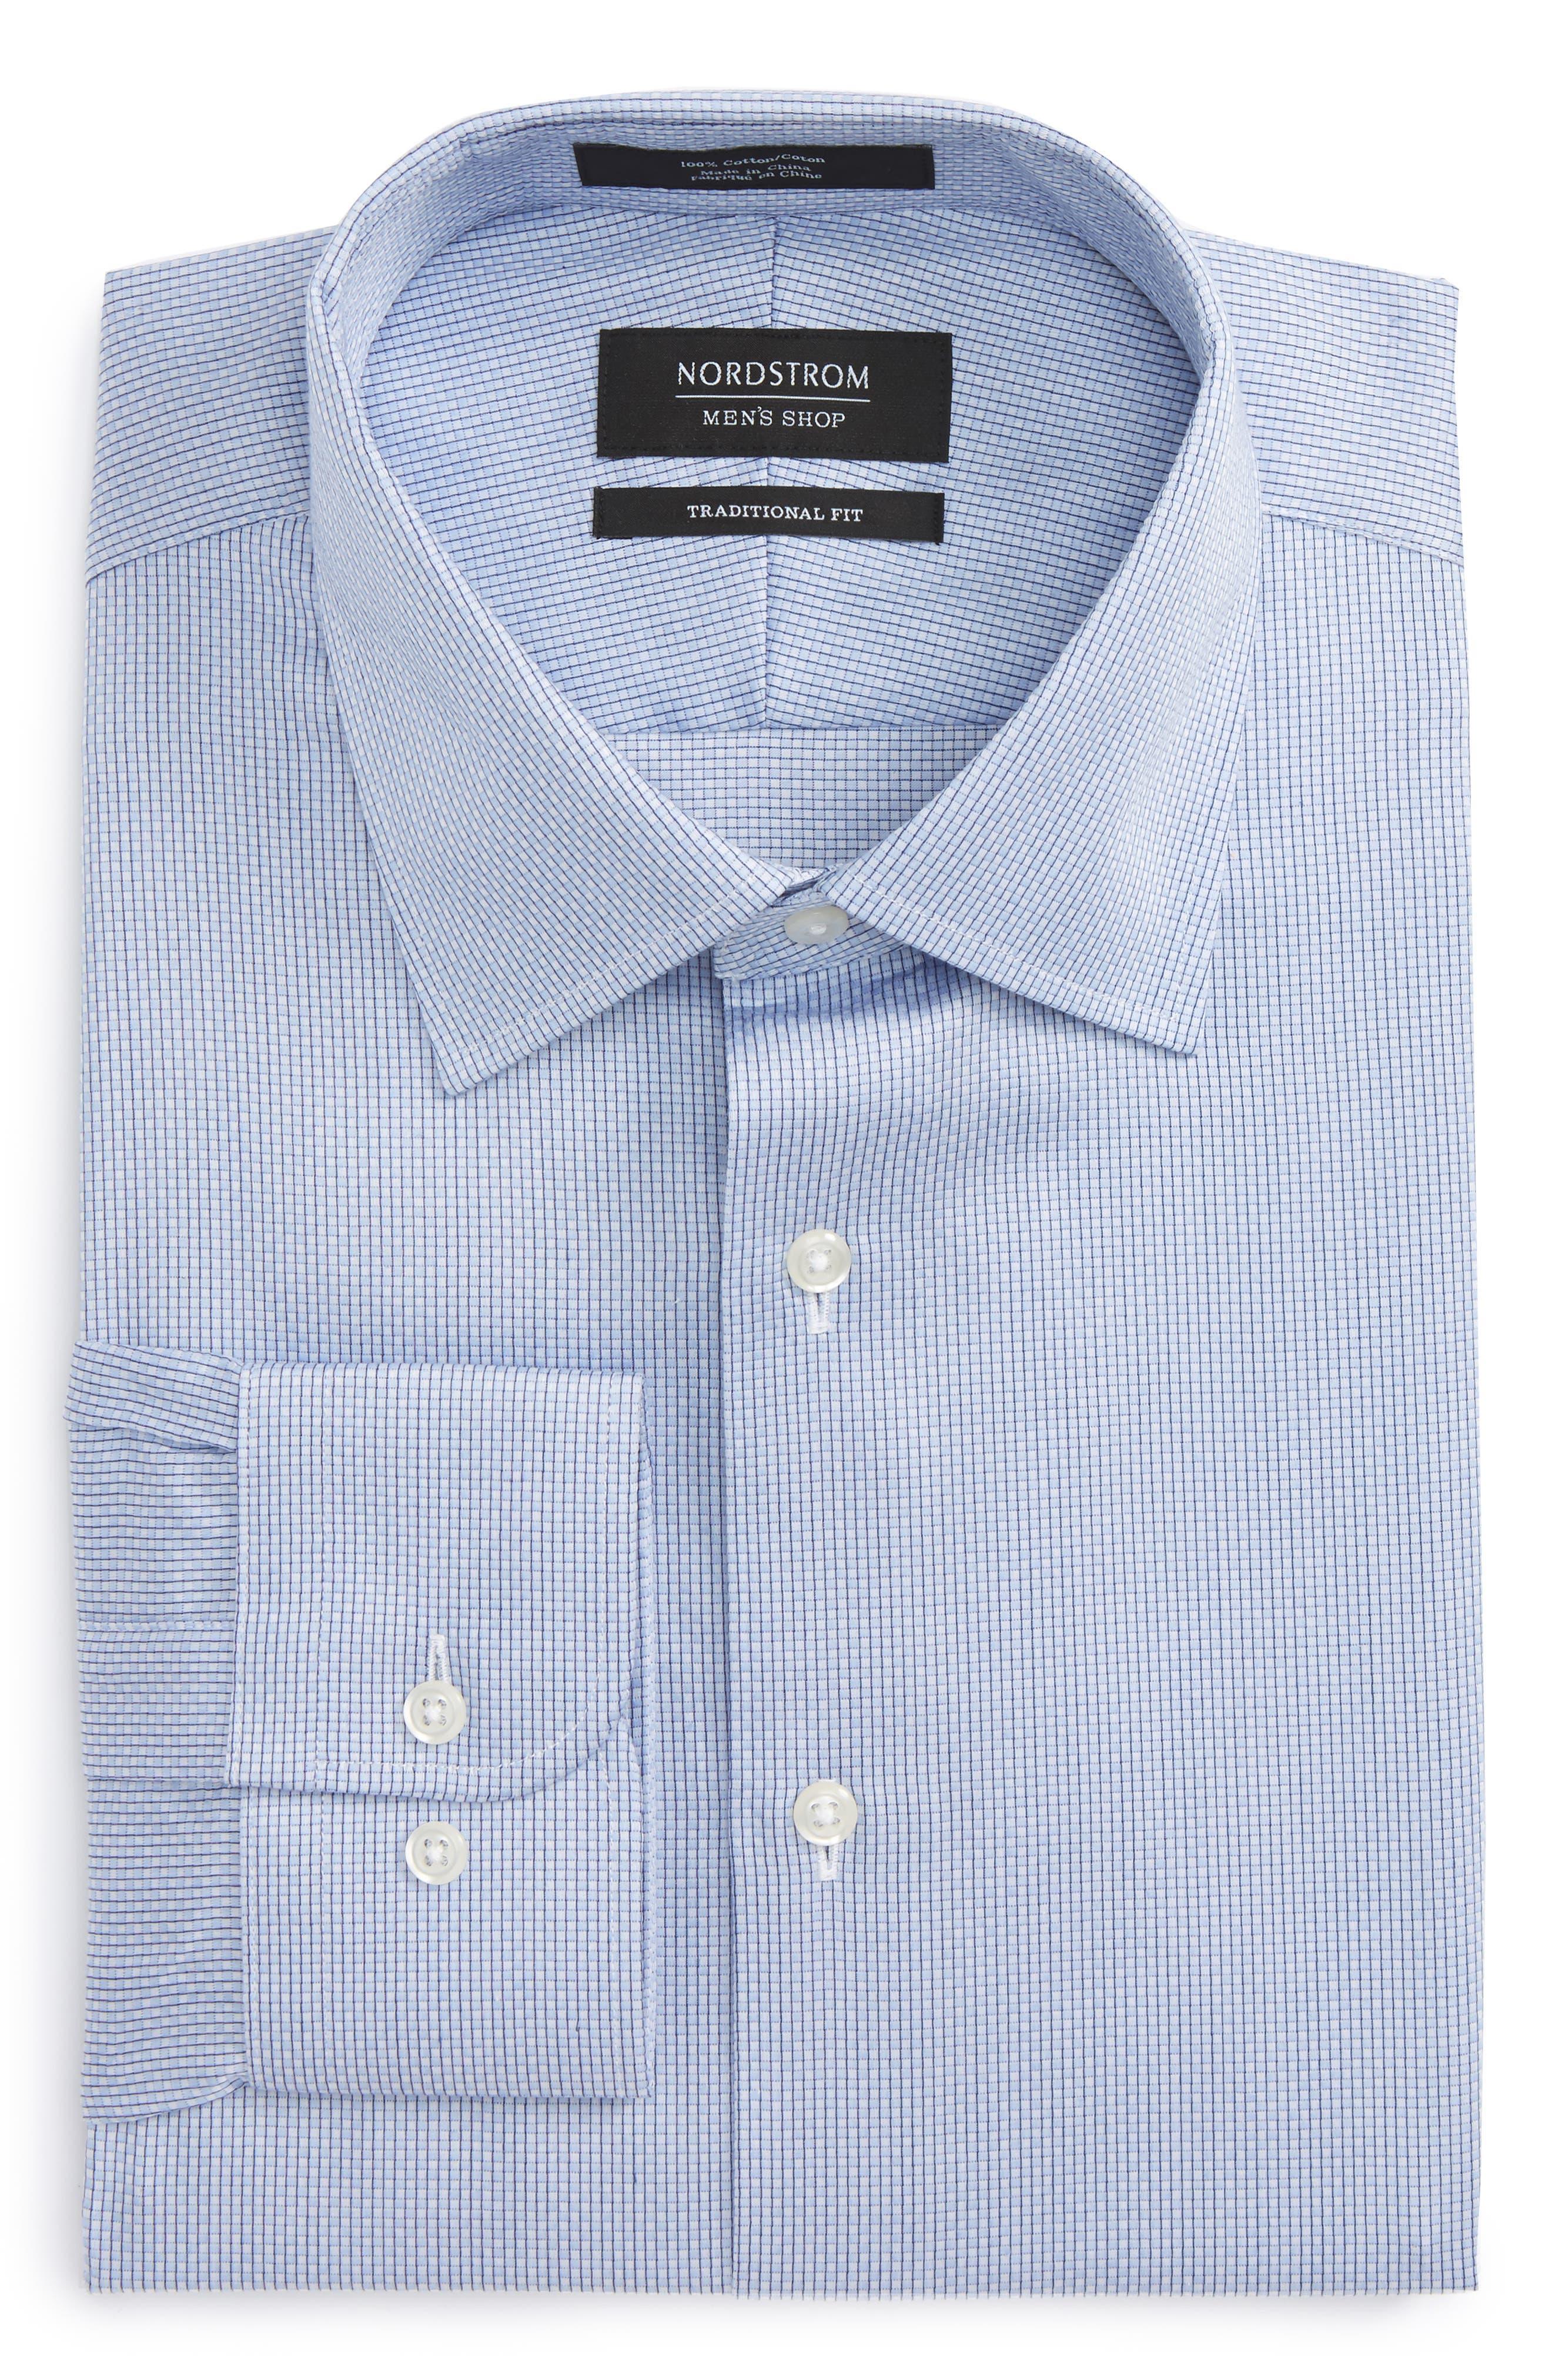 Alternate Image 1 Selected - Nordstrom Men's Shop Traditional Fit Stripe Dress Shirt